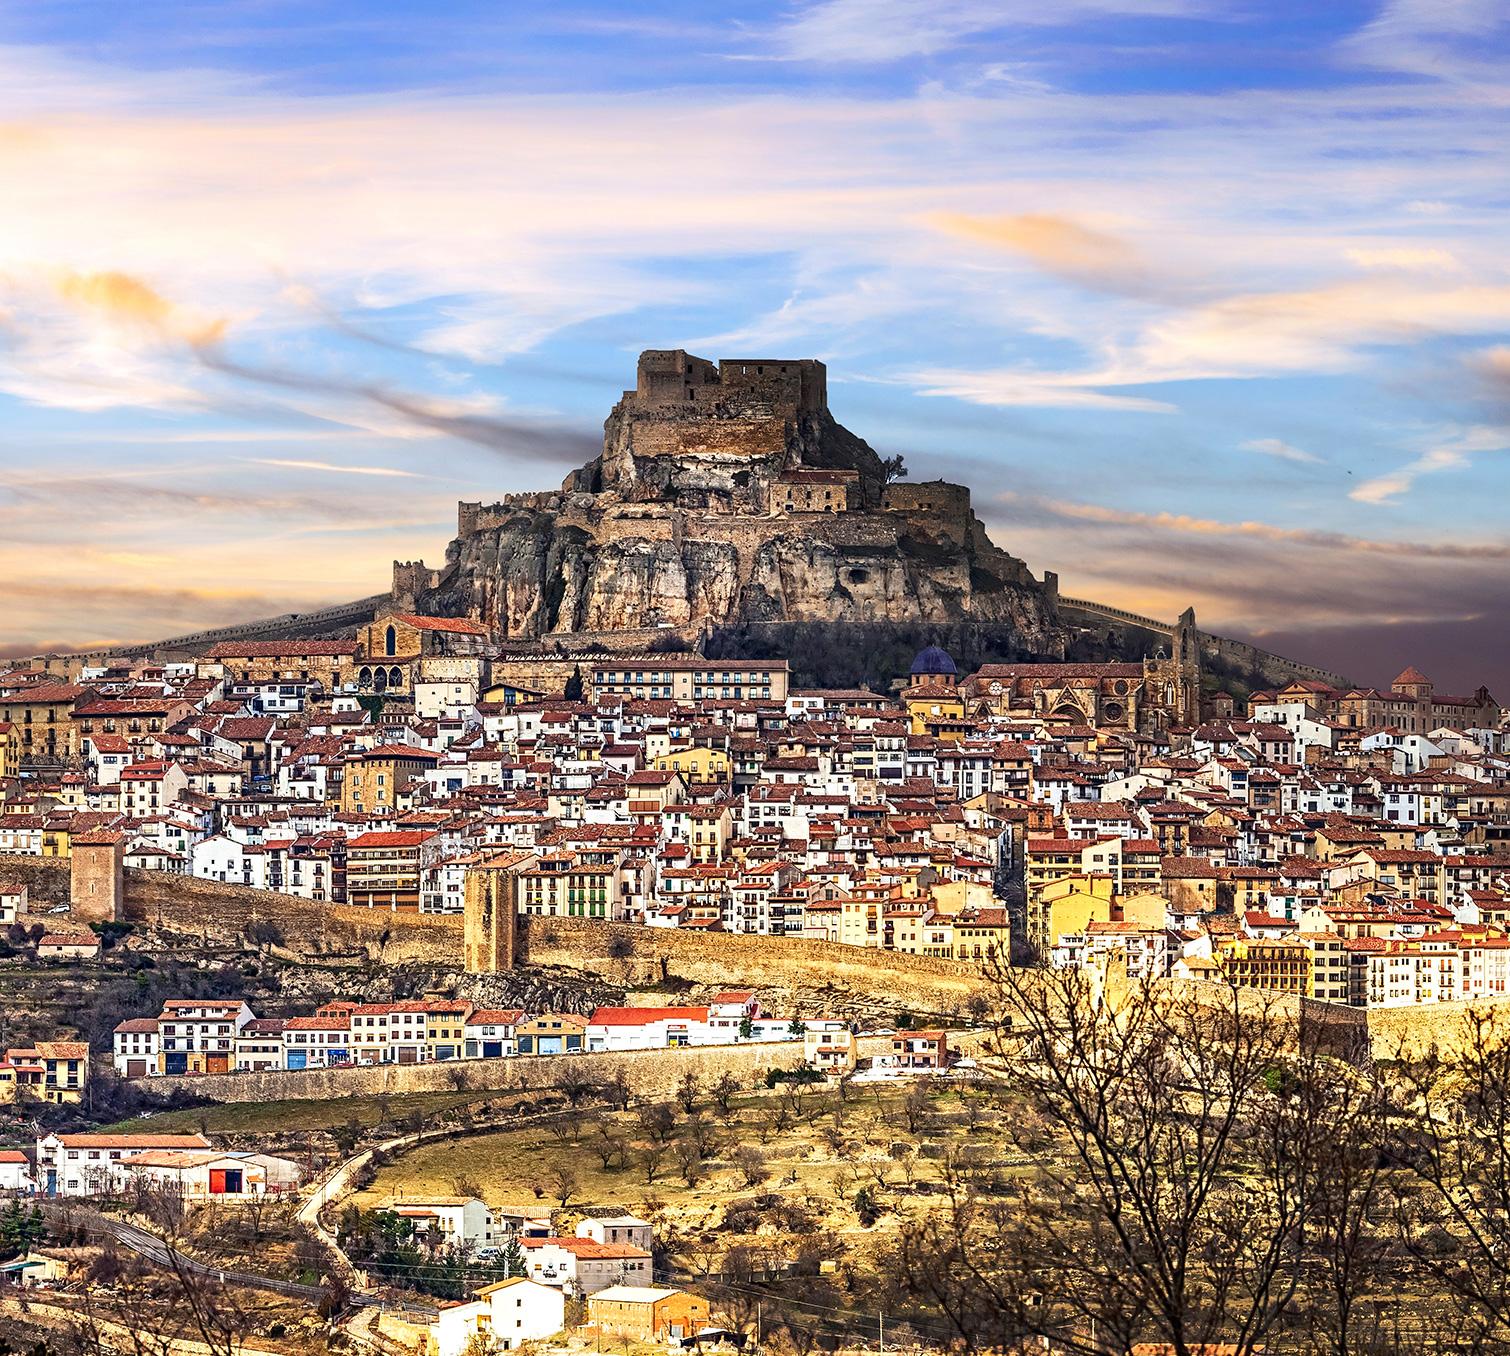 morella_pueblo_espana_revista_mine